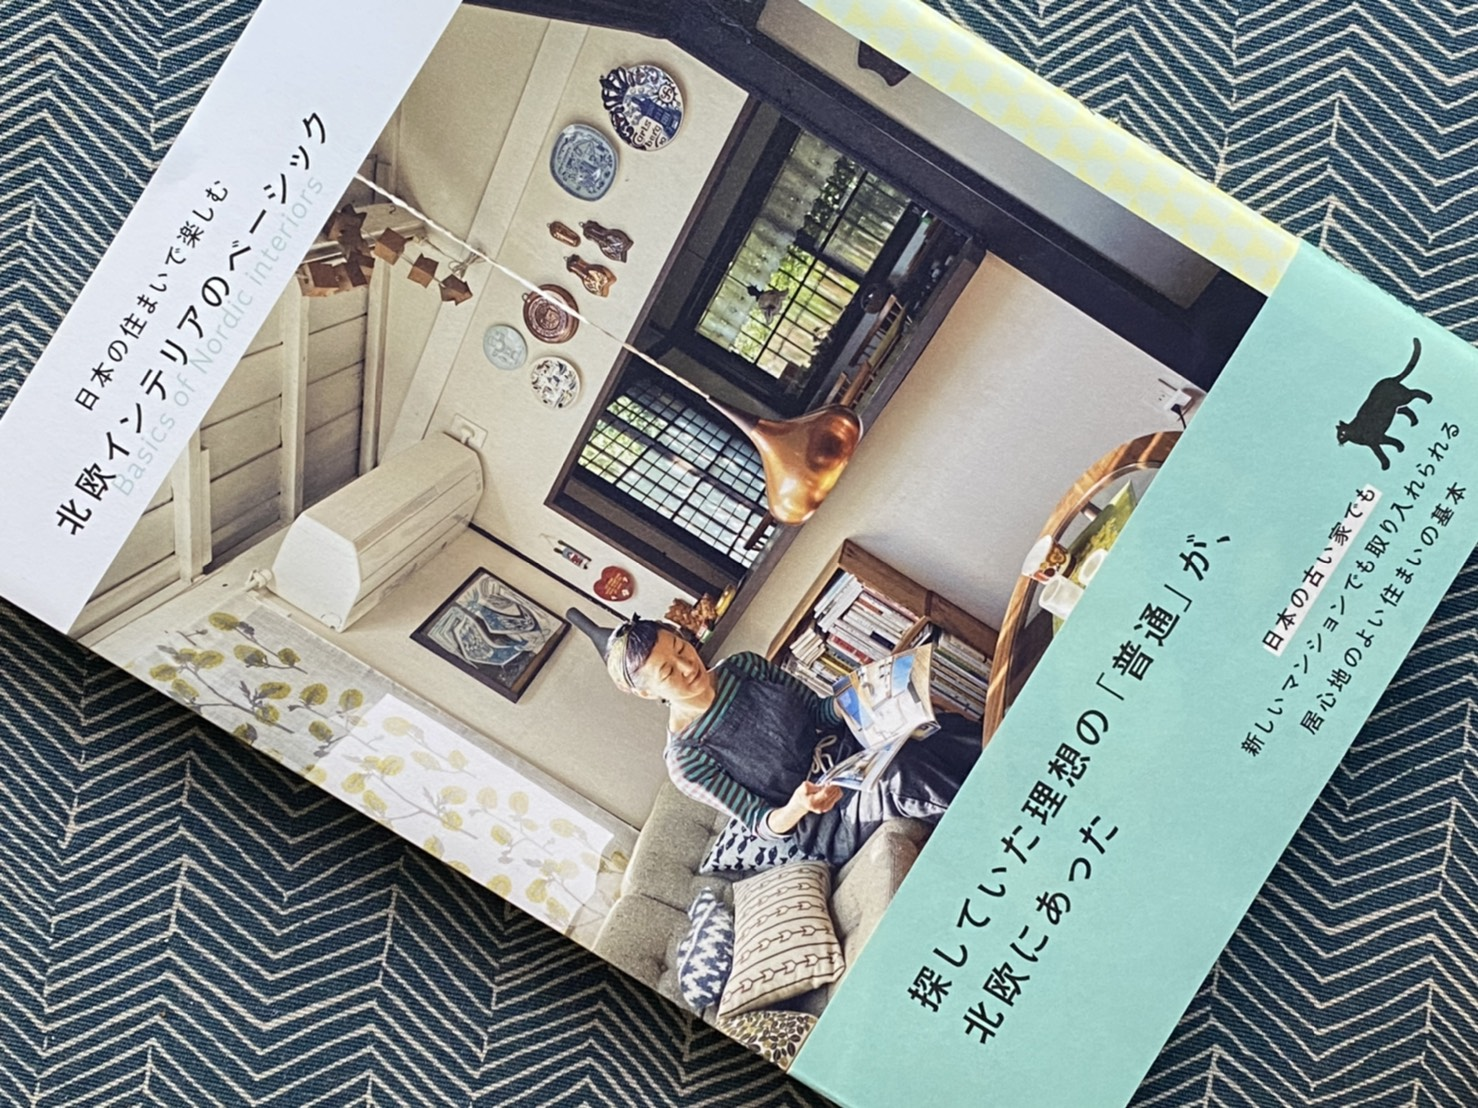 森百合子さんの新刊『北欧インテリアのベーシック』について